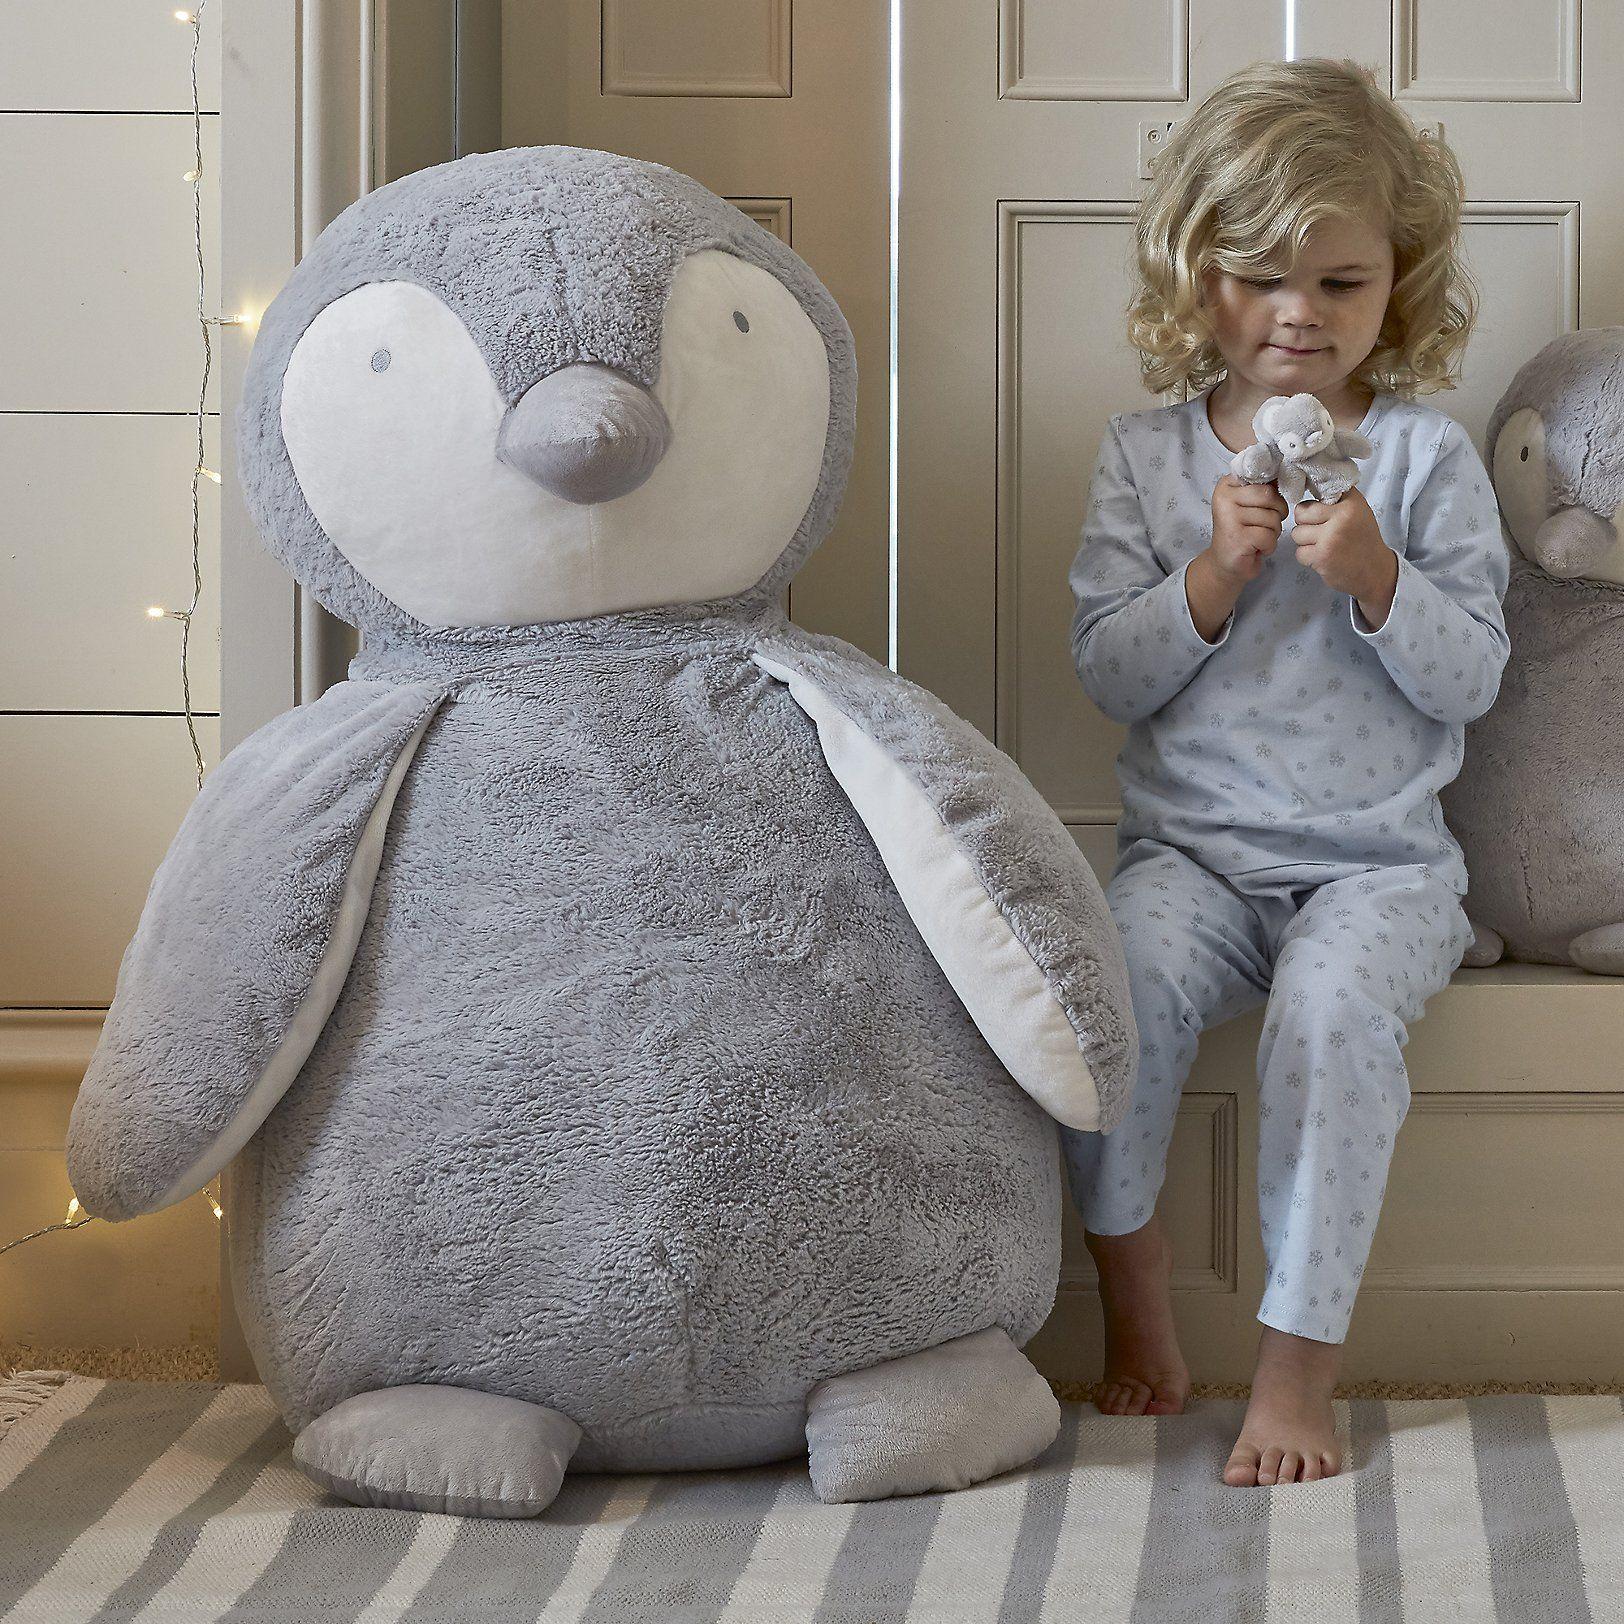 Giant Snowy Penguin The Little White Company The White Company Little White Company The White Company Penguin Bedroom